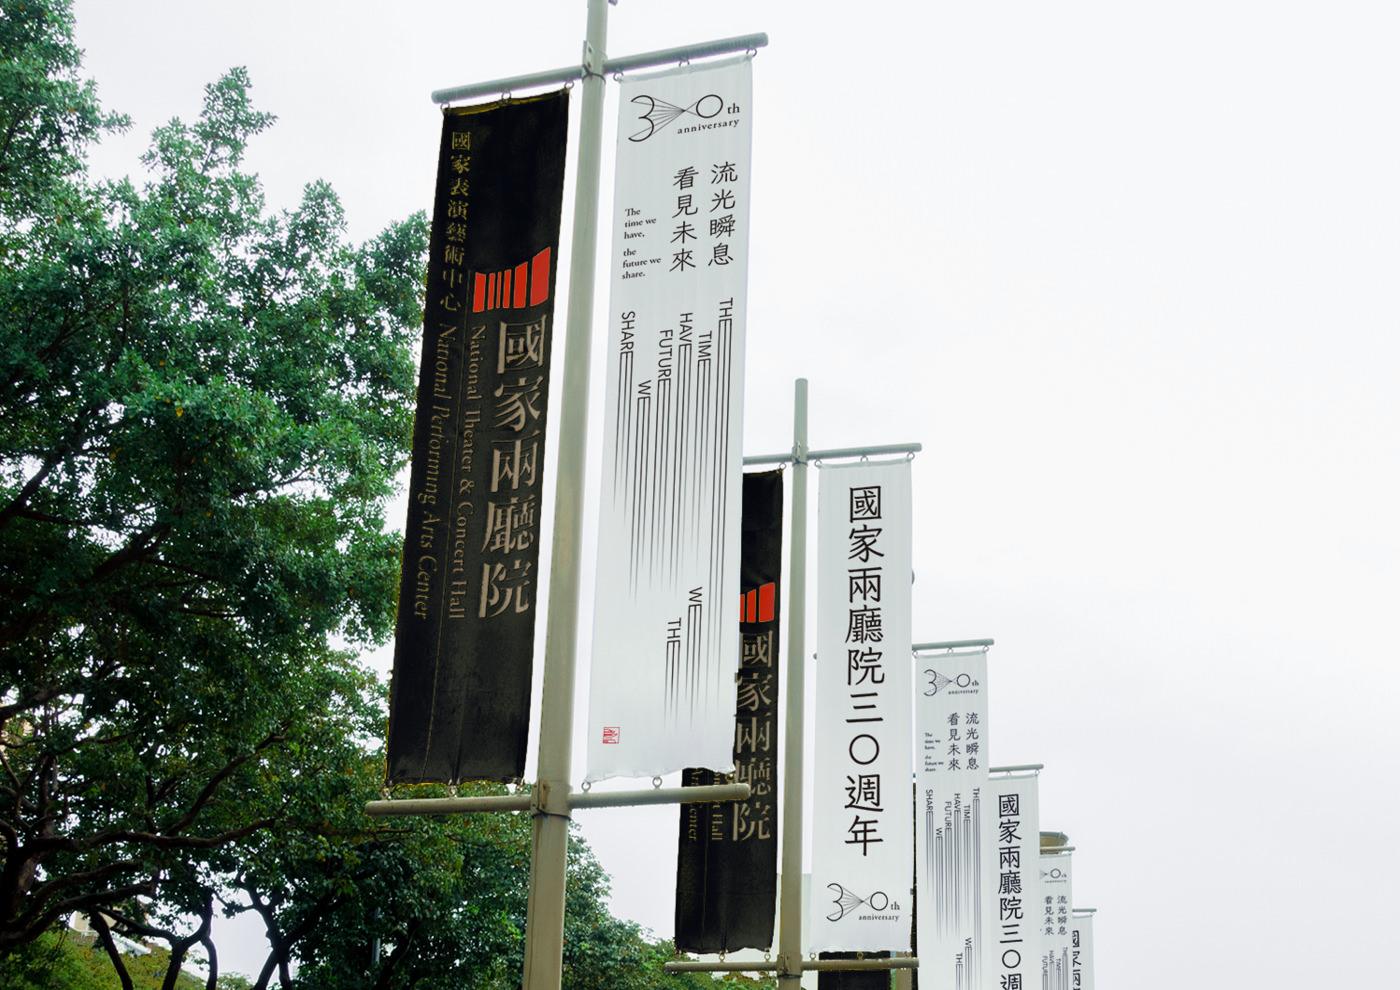 兩廳院三十週年活動視覺關東旗路燈旗